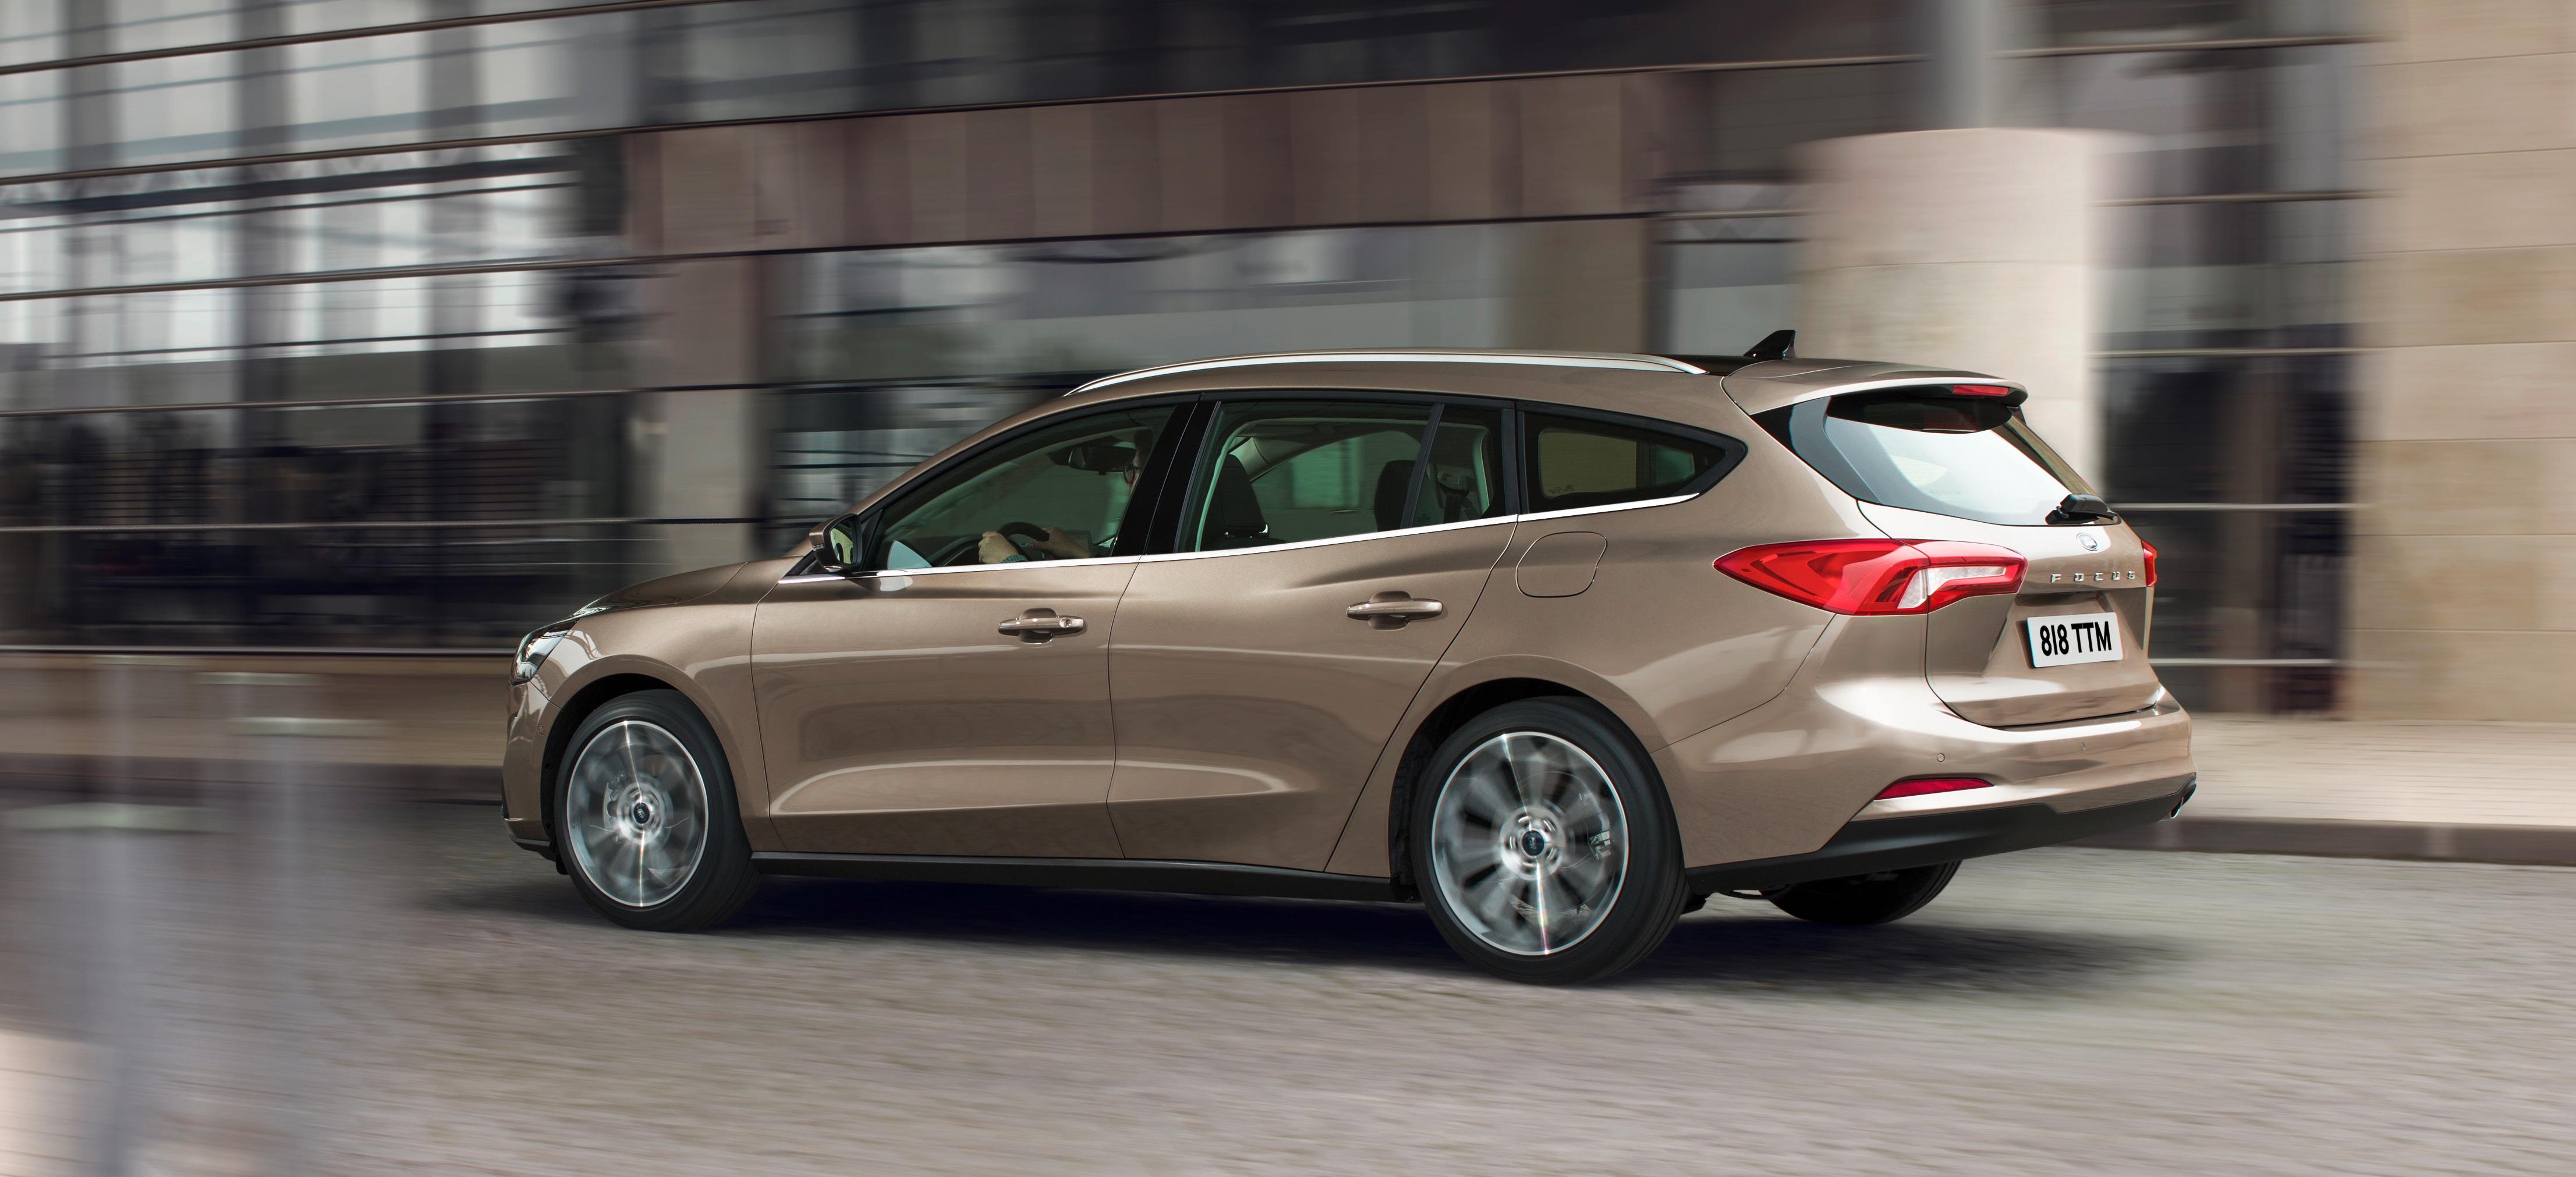 Ford Focus Turnier, Halbseitenansicht von hinten, fahrend, pyrit-grau